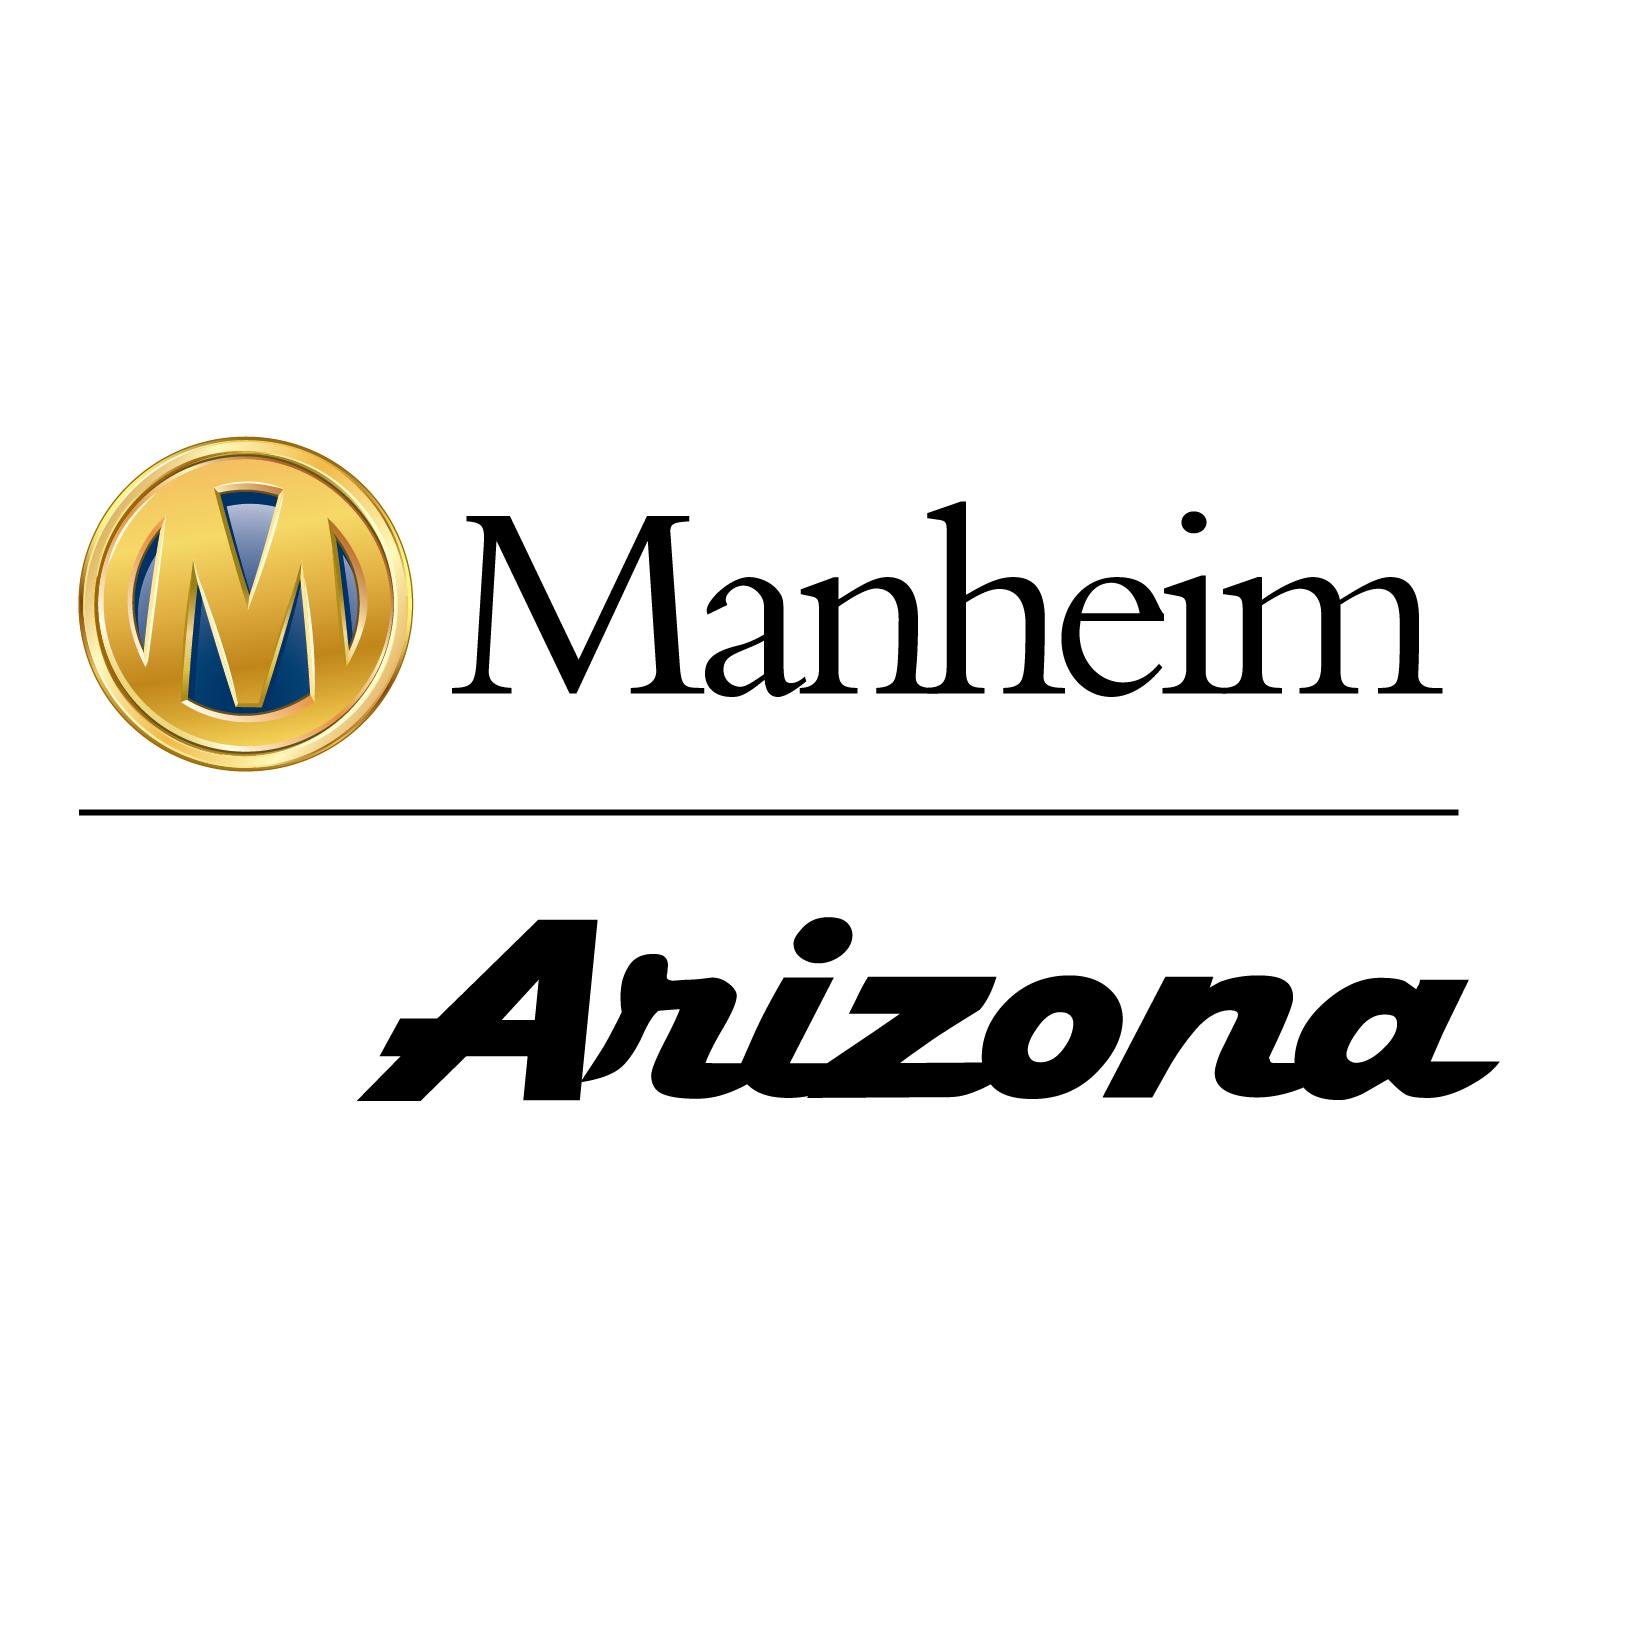 Manheim Arizona